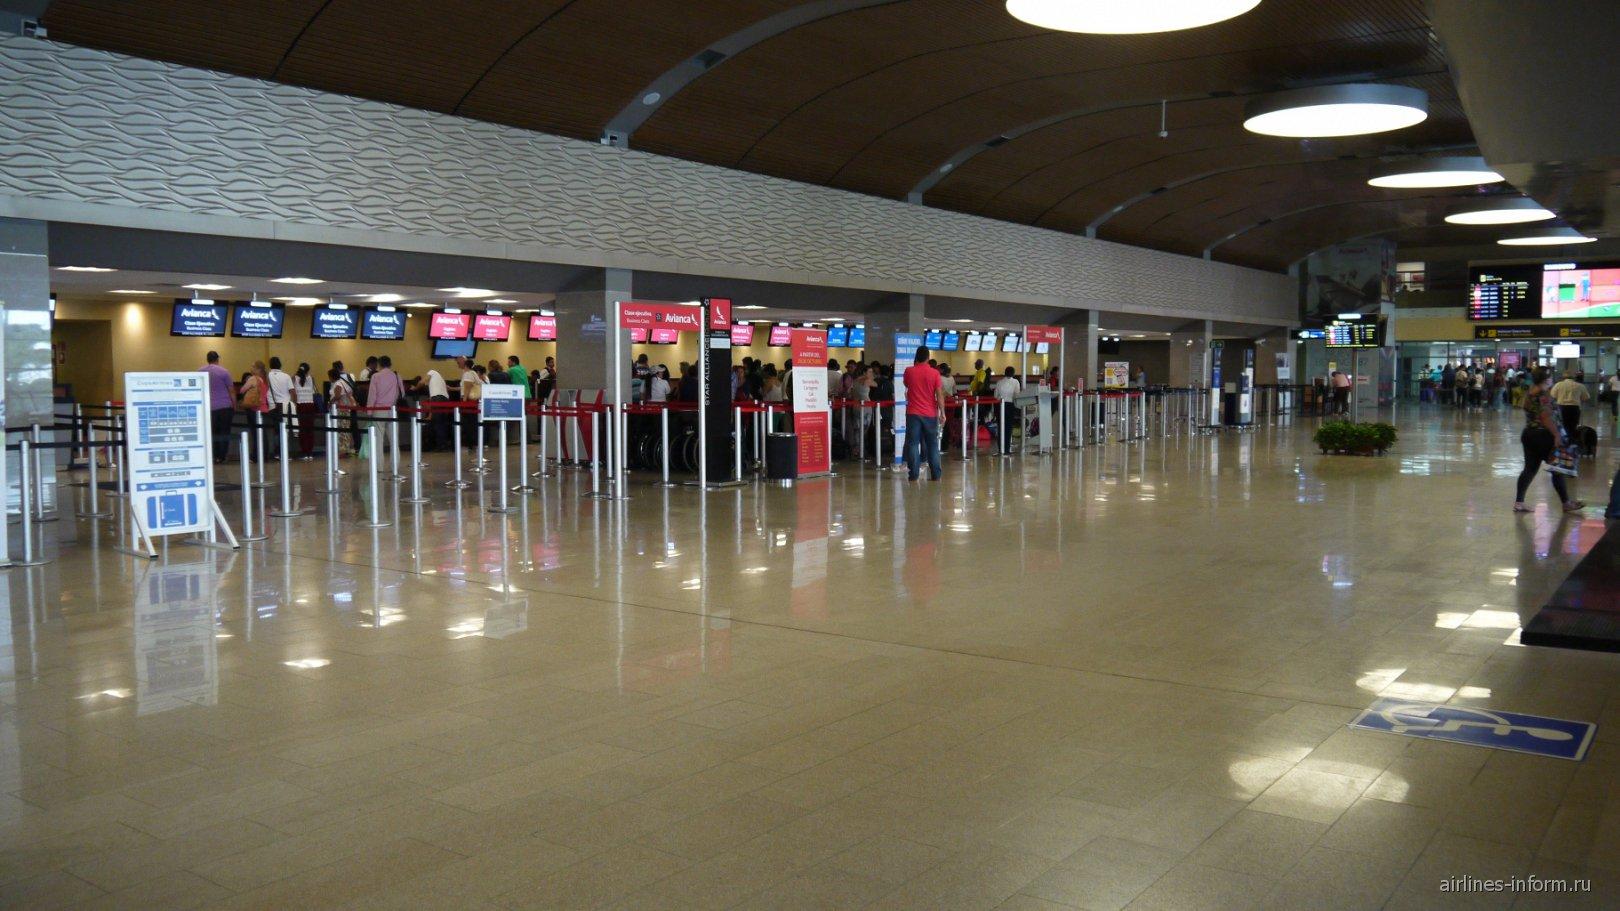 Зал регистрации в аэропорту Картахена Рафаэль Нуньес